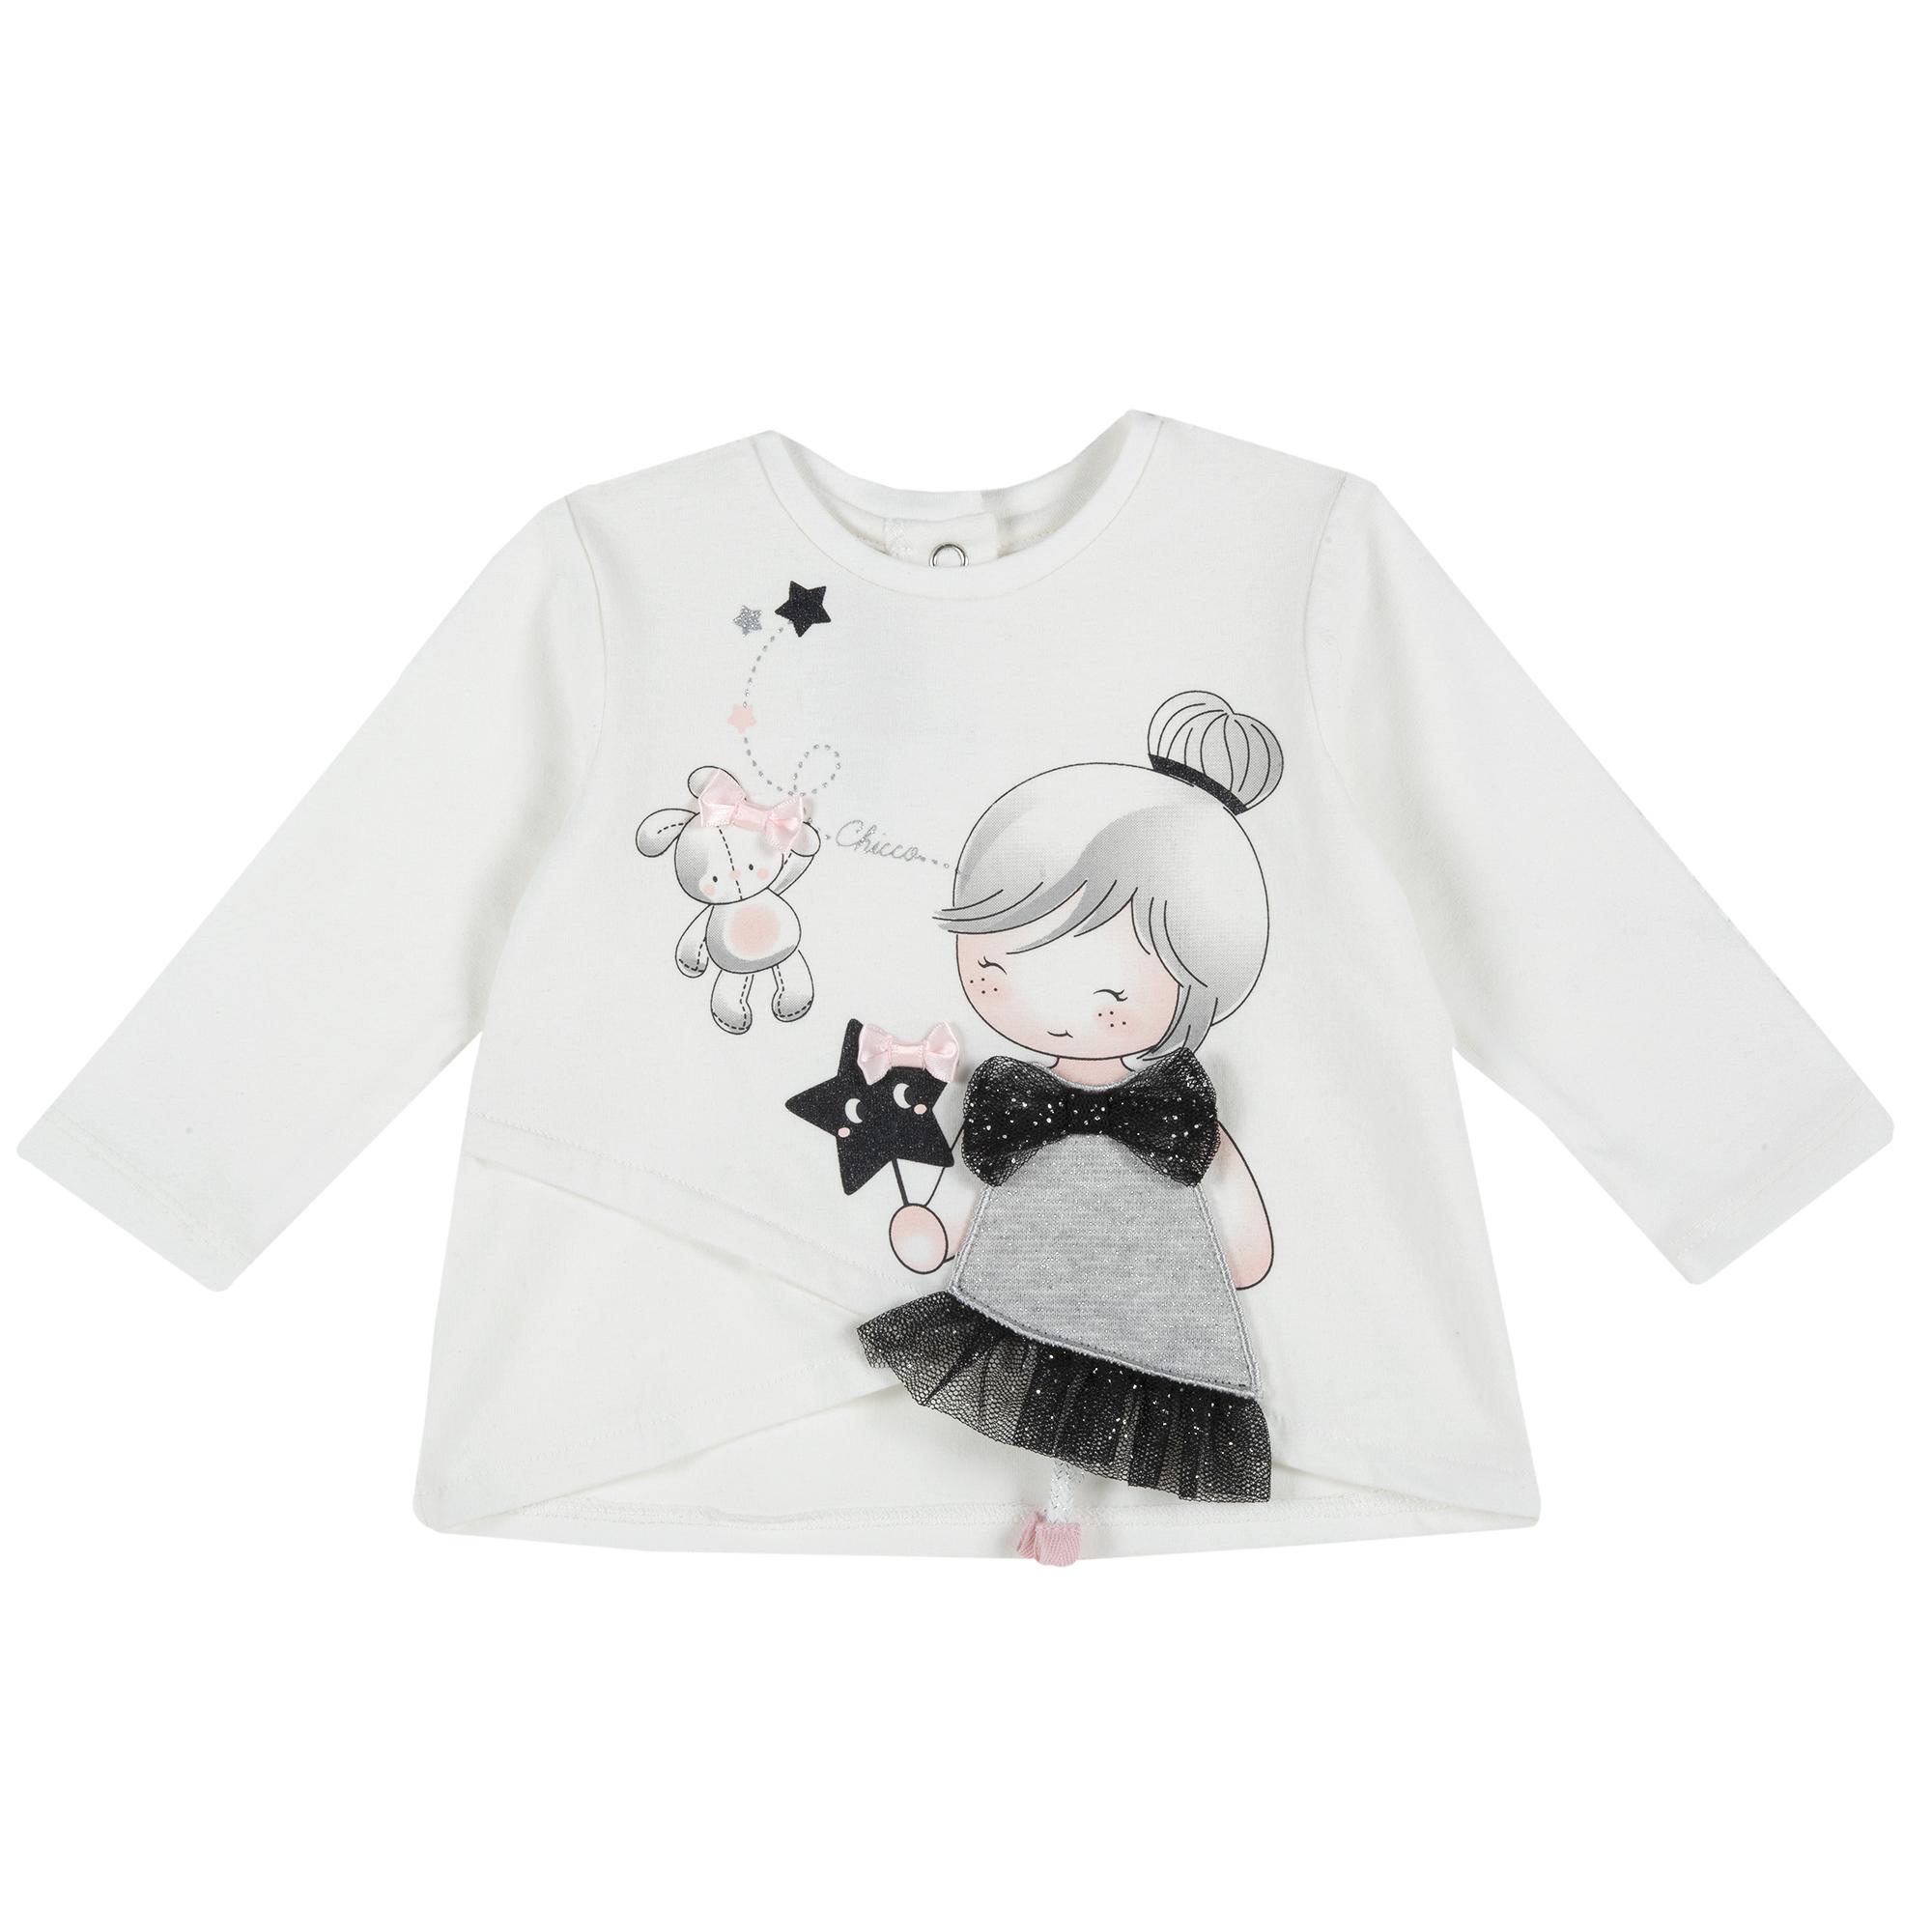 Bluza Copii Chicco, Alb Cu Aplicatii, 47753 imagine